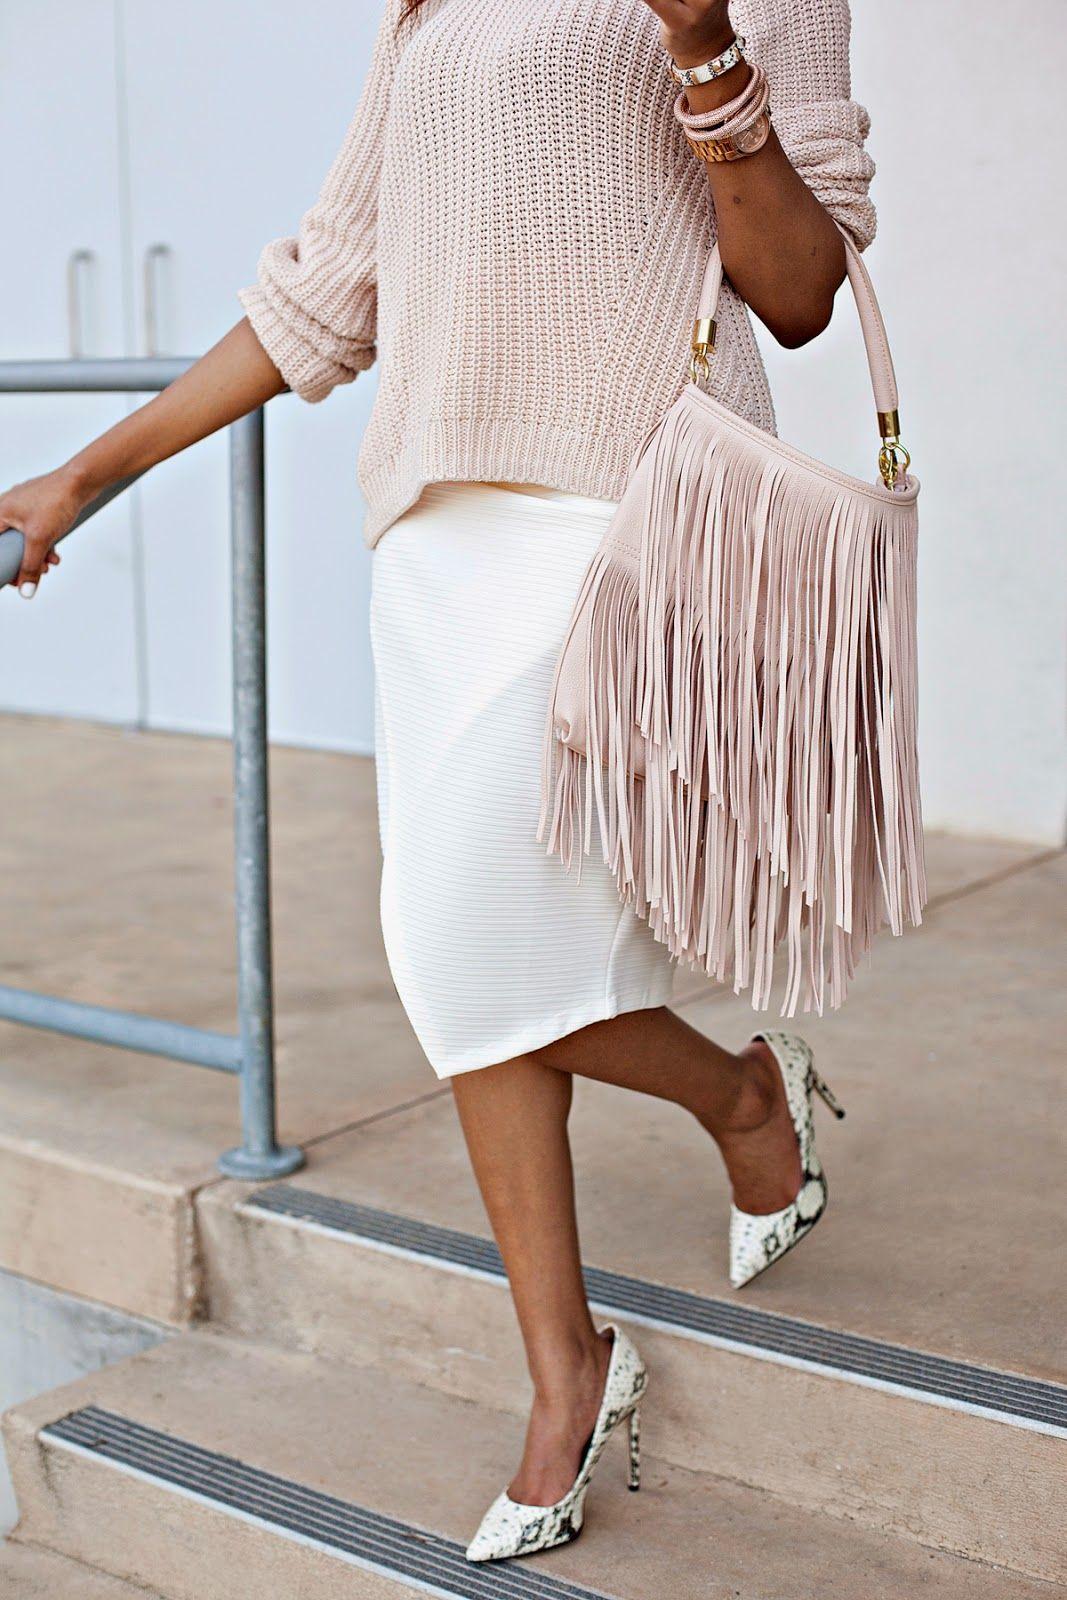 Fringe handbag, Steve Madden Proto Snakeskin pump, H&M White midi skirt